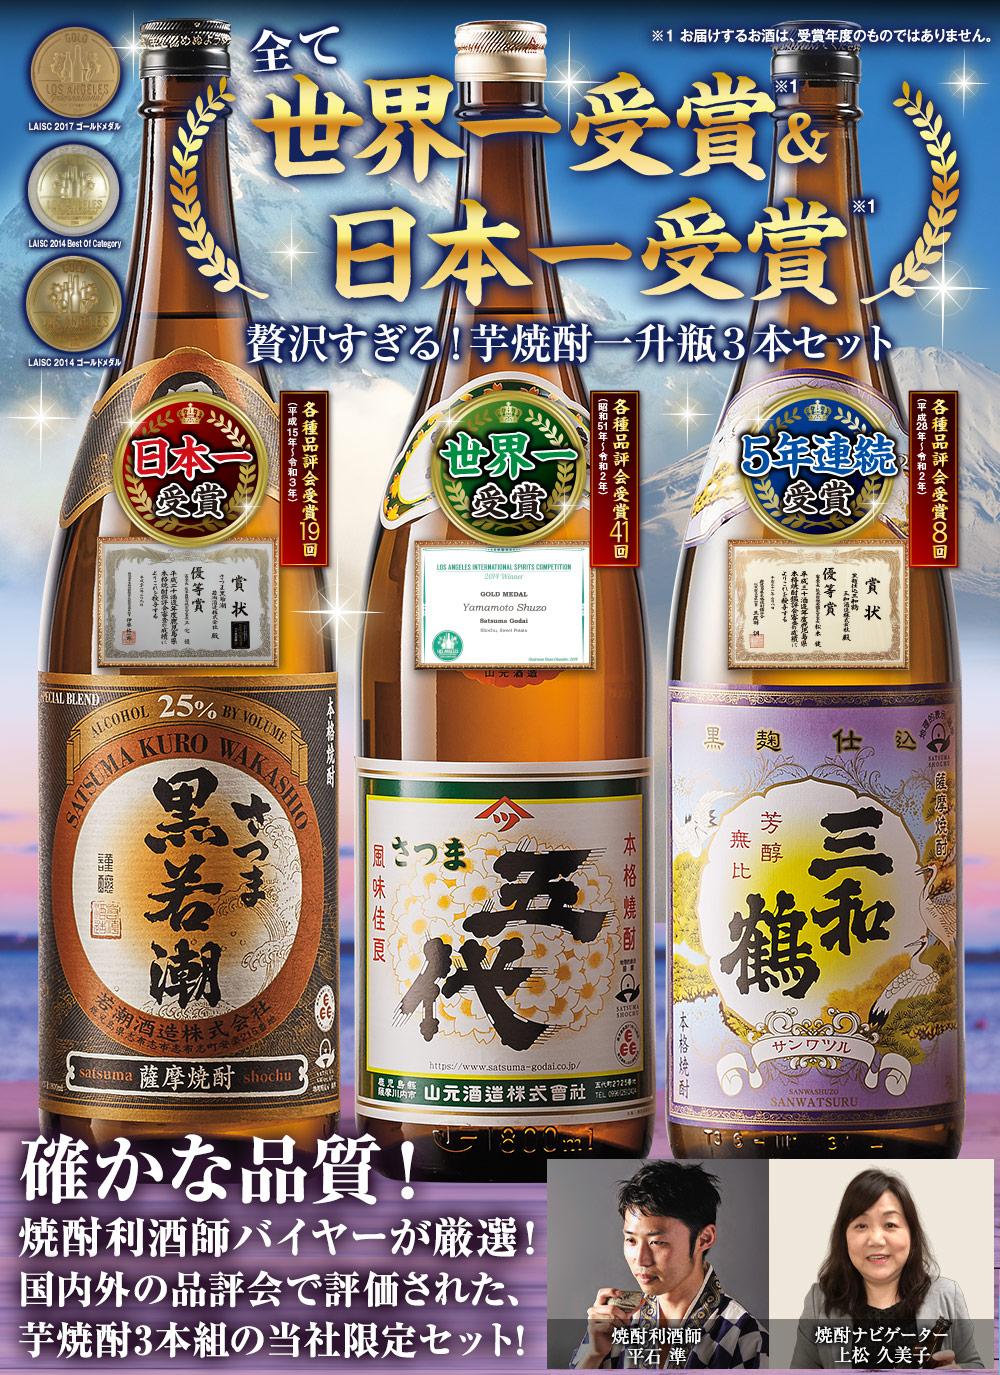 世界一受賞&日本一受賞芋焼酎